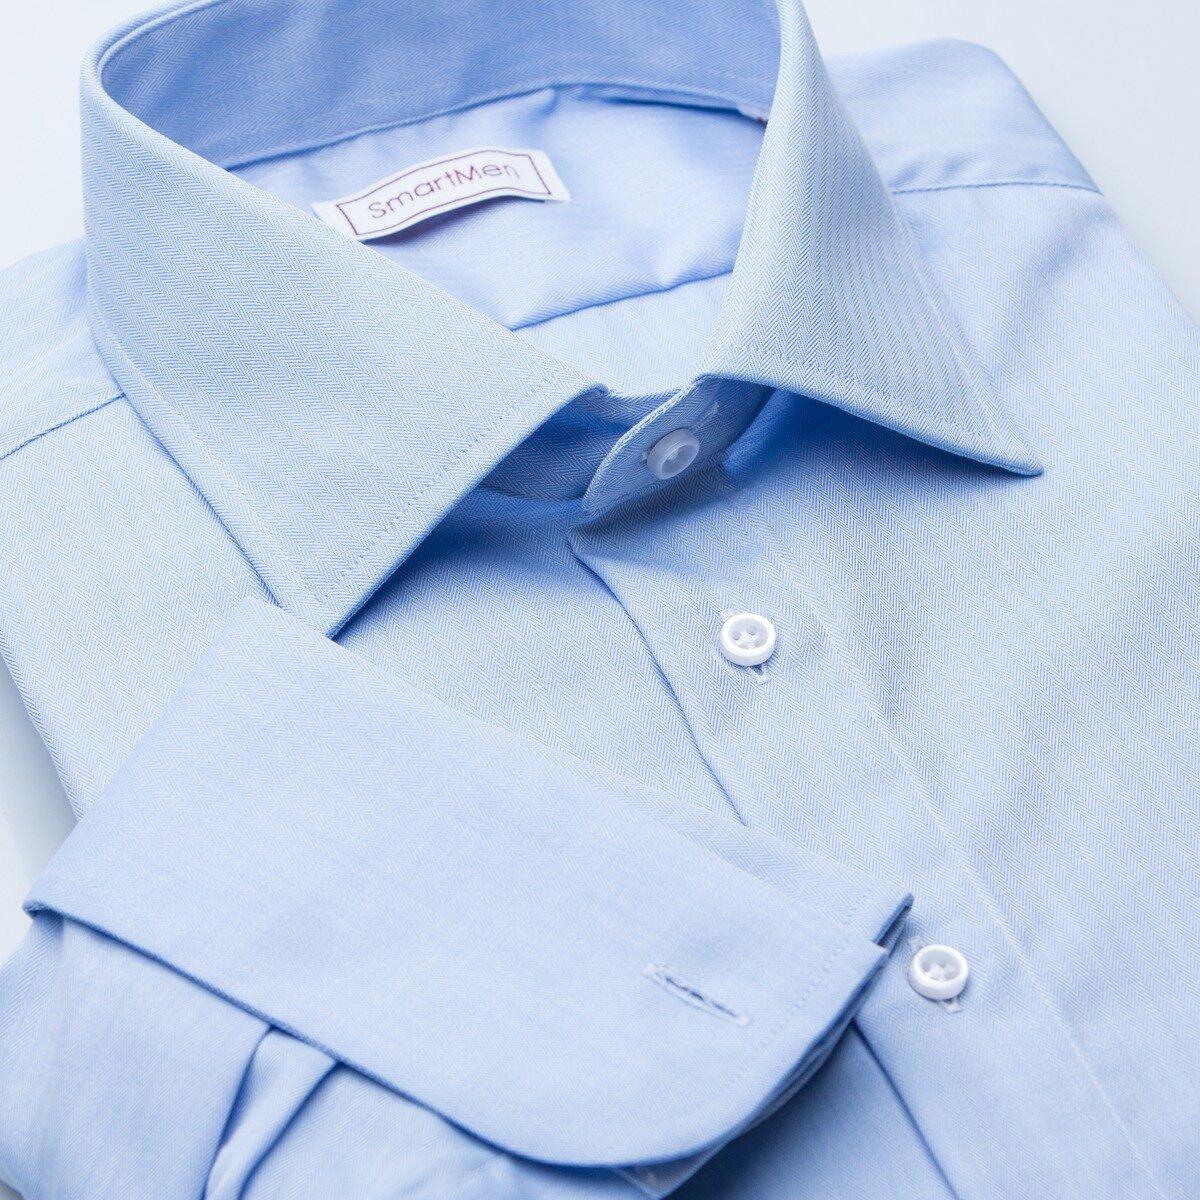 1bfeb5631daf Pánska luxusná košeľa modrá na manžetové gombíky